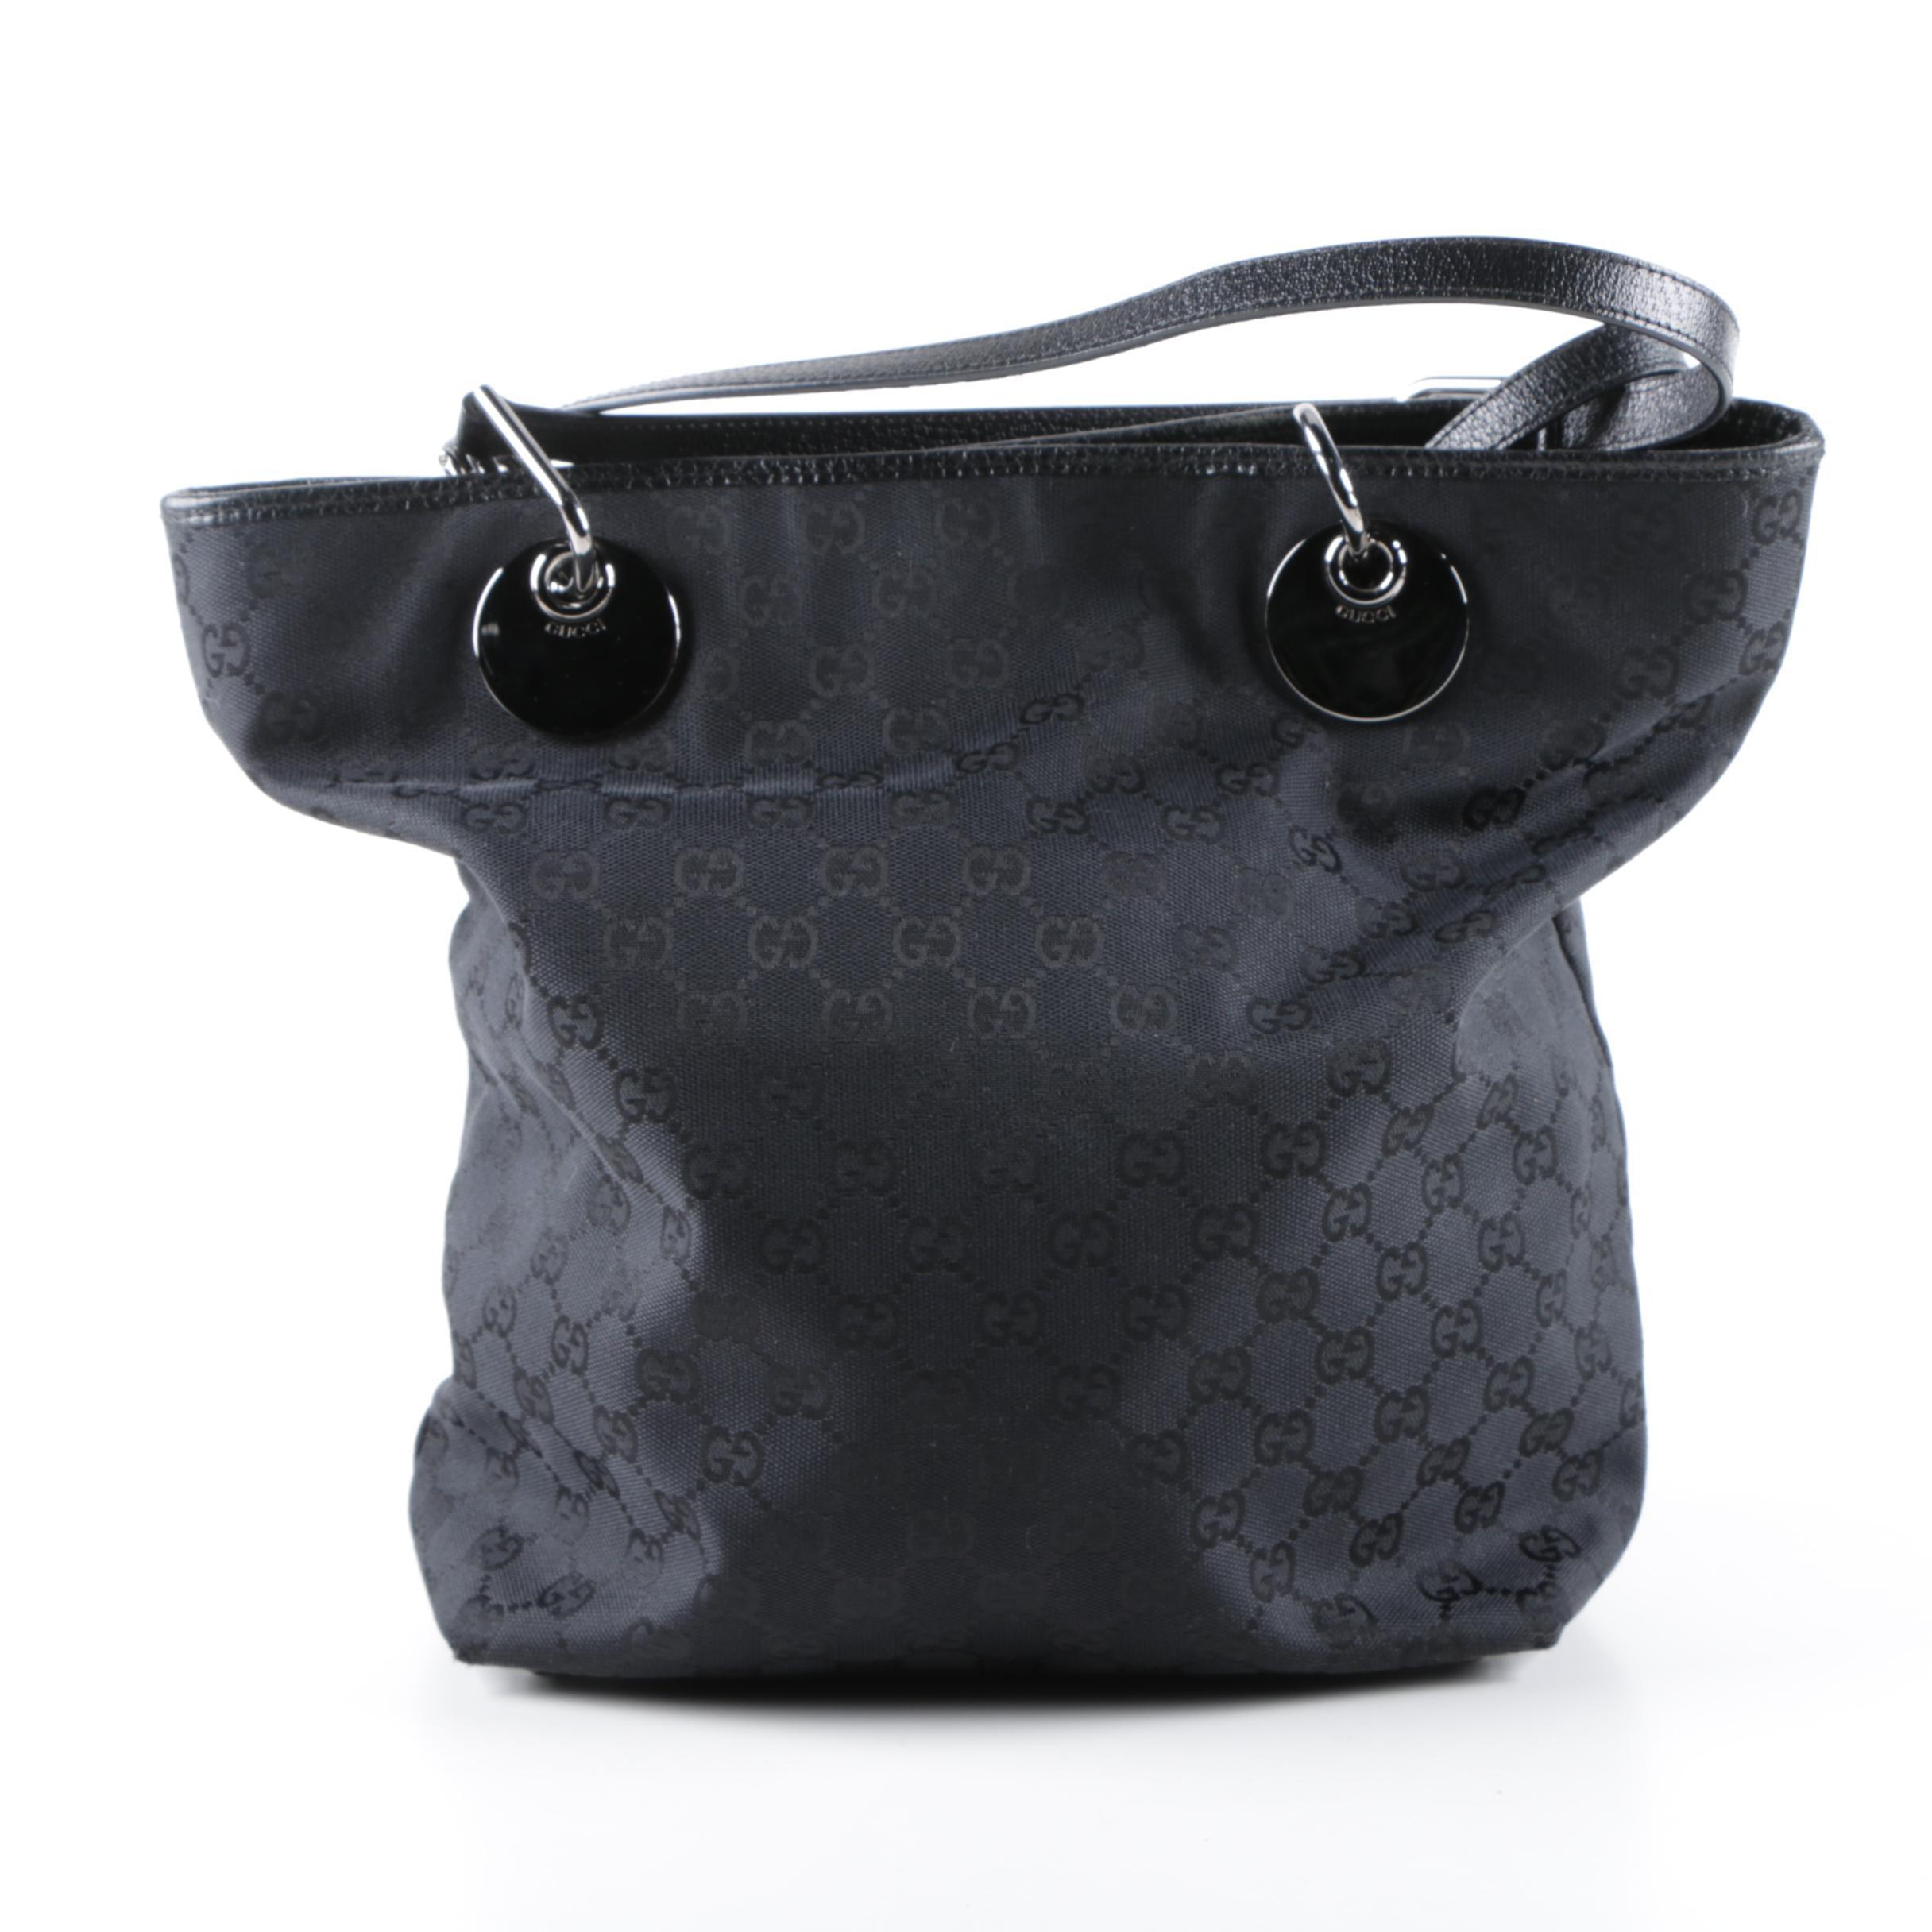 Gucci Black GG Canvas Eclipse Tote Bag